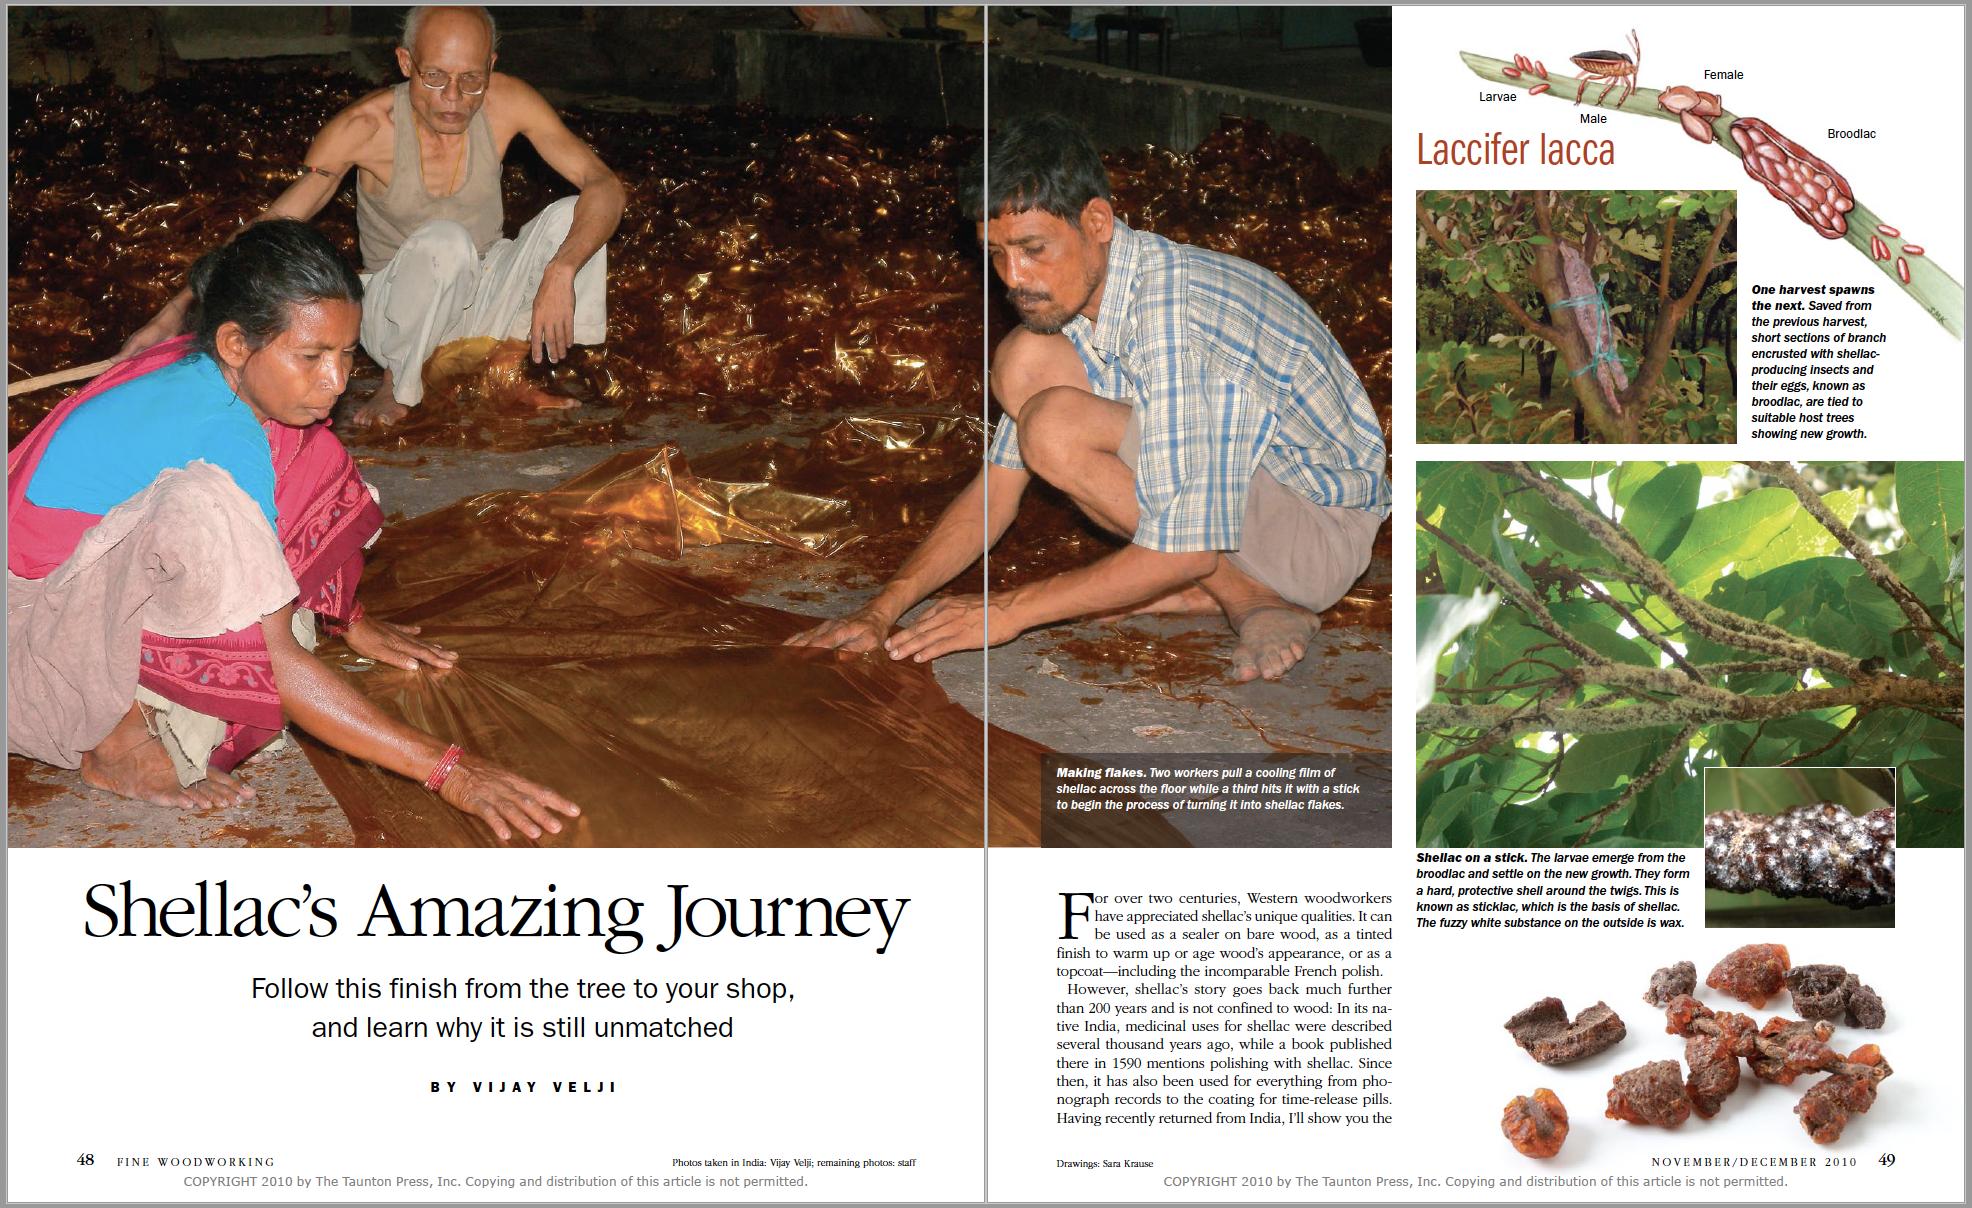 Shellac's Amazing Journey